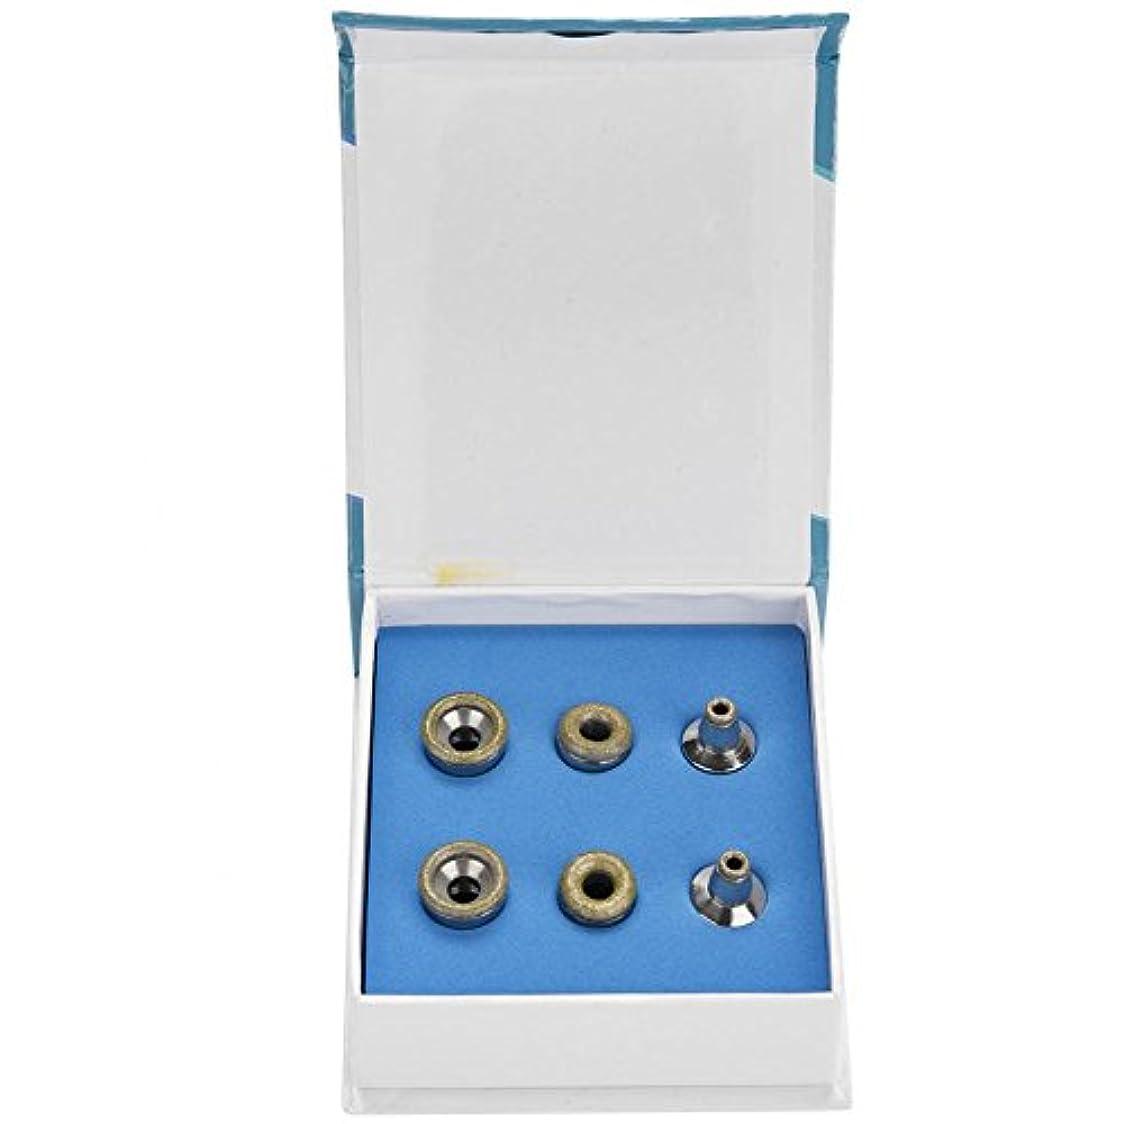 第二委託思慮のない削皮フィルターセット、6個の交換用ダイヤモンドマイクロ削皮チップステンレス